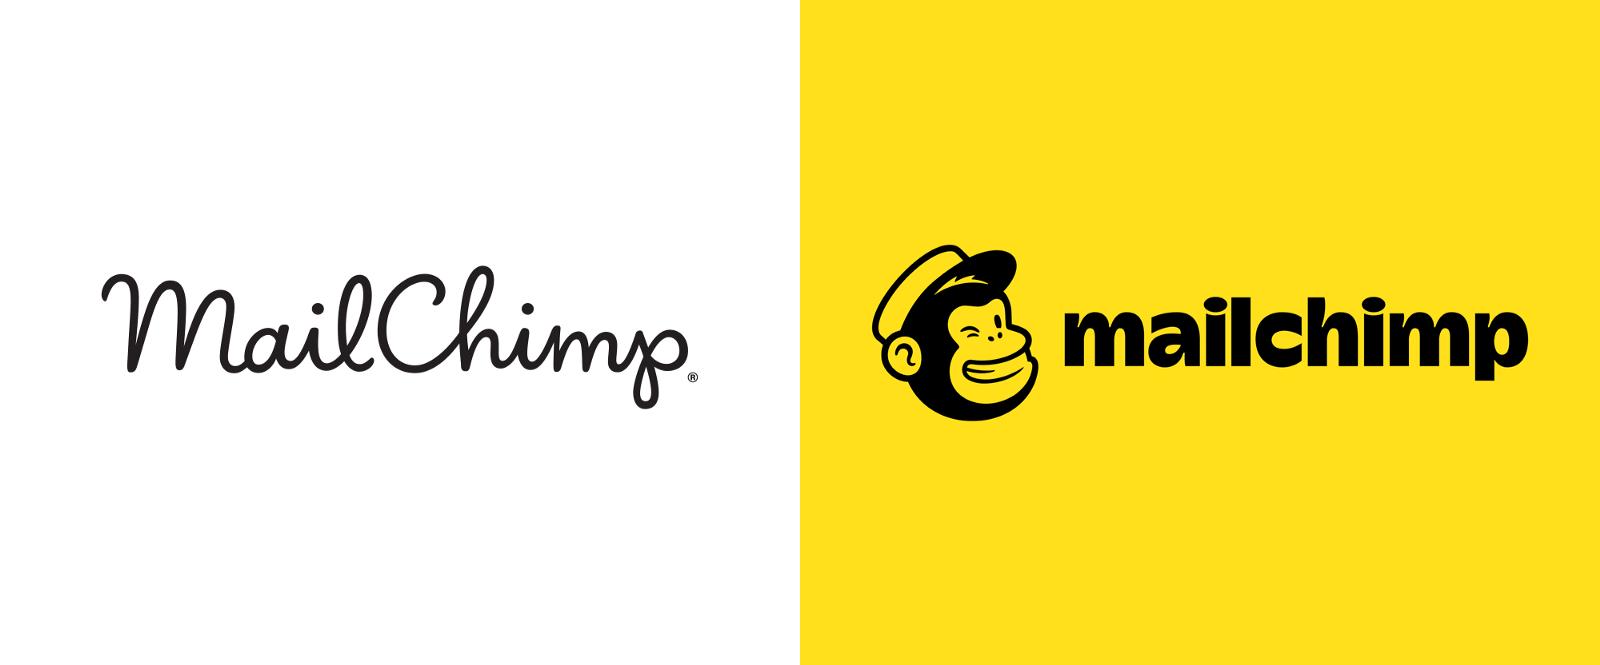 La refonte visuelle de la marque Mailchimp